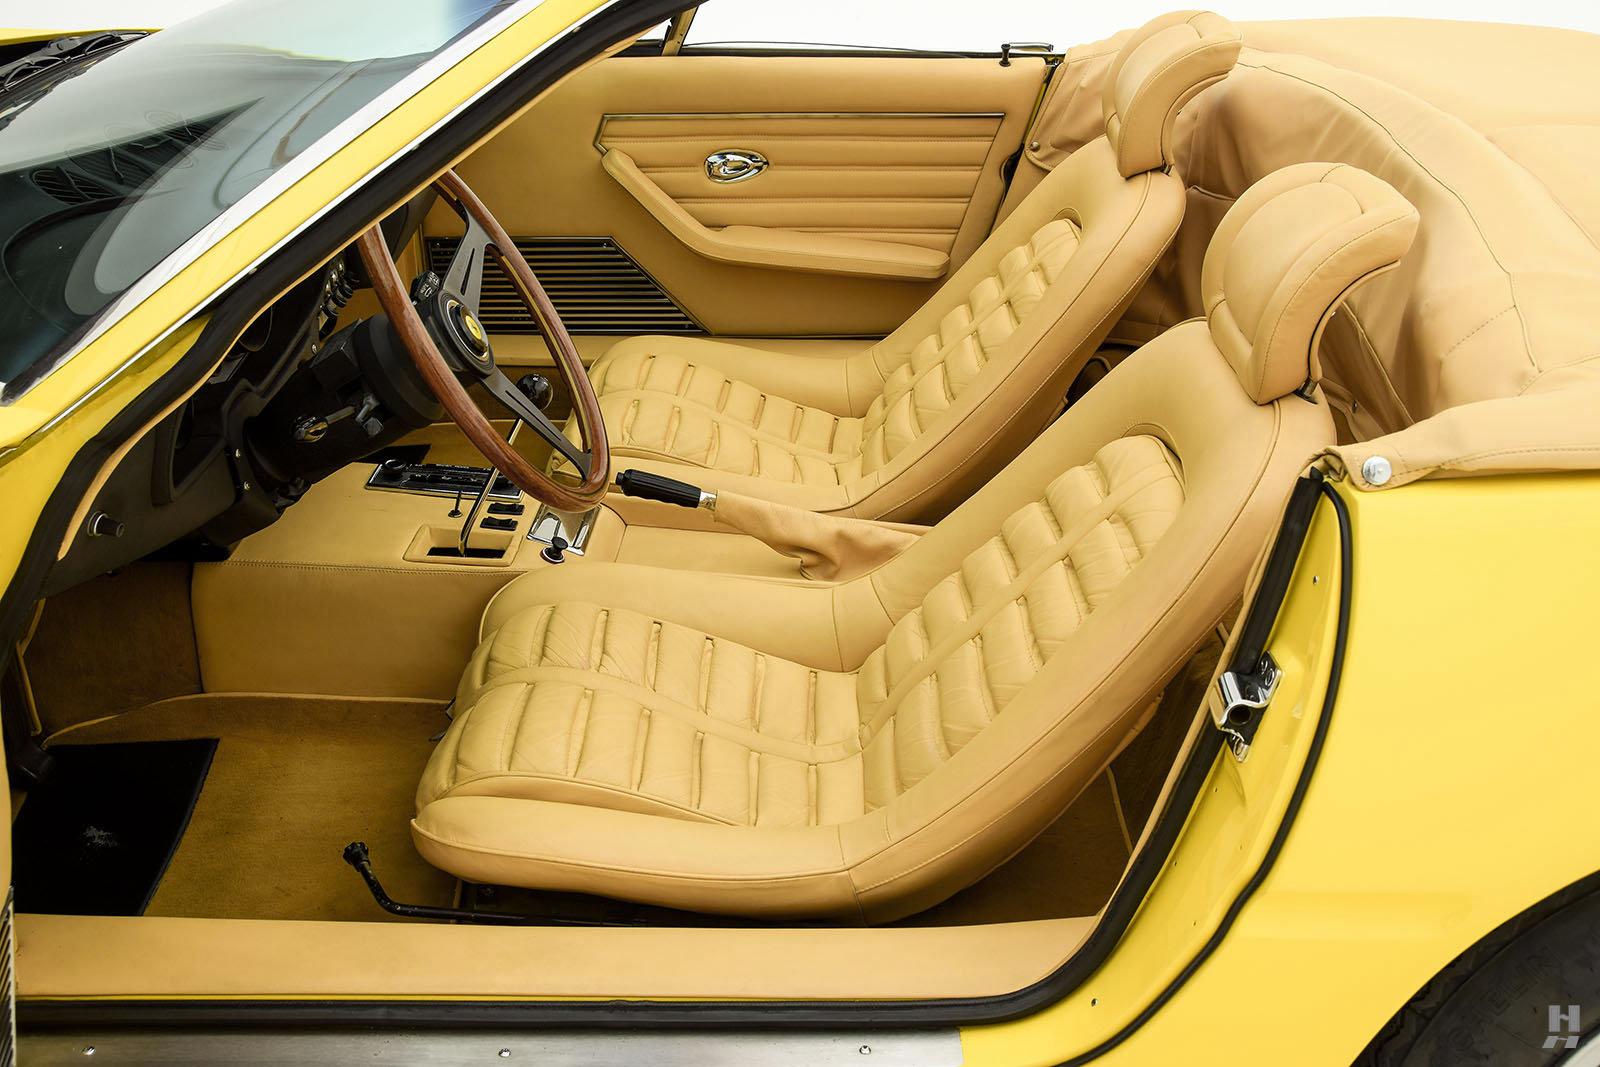 Ferrari 365 GTB/4 Daytona Spider-Conversion - 1971 For Sale (picture 4 of 6)